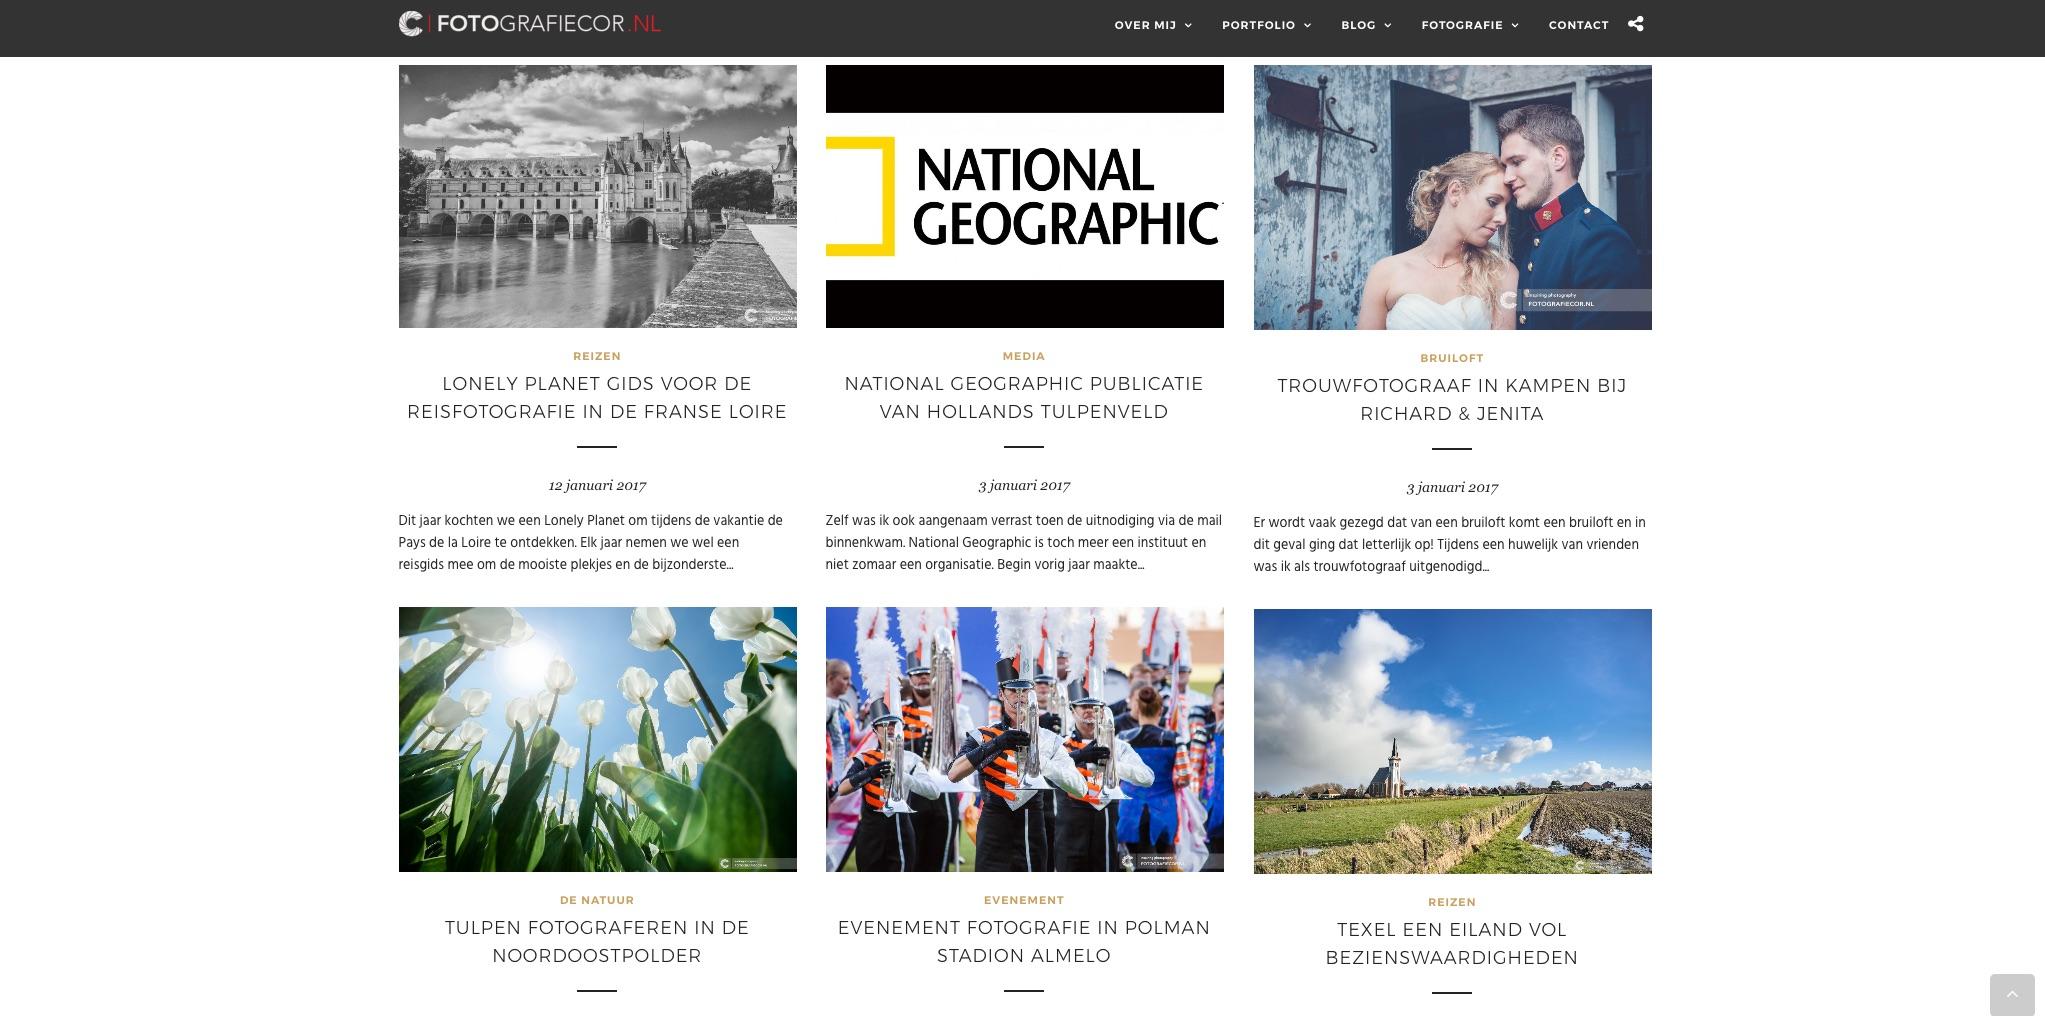 Foto website met blog vol artikelen van fotograaf uit Kampen